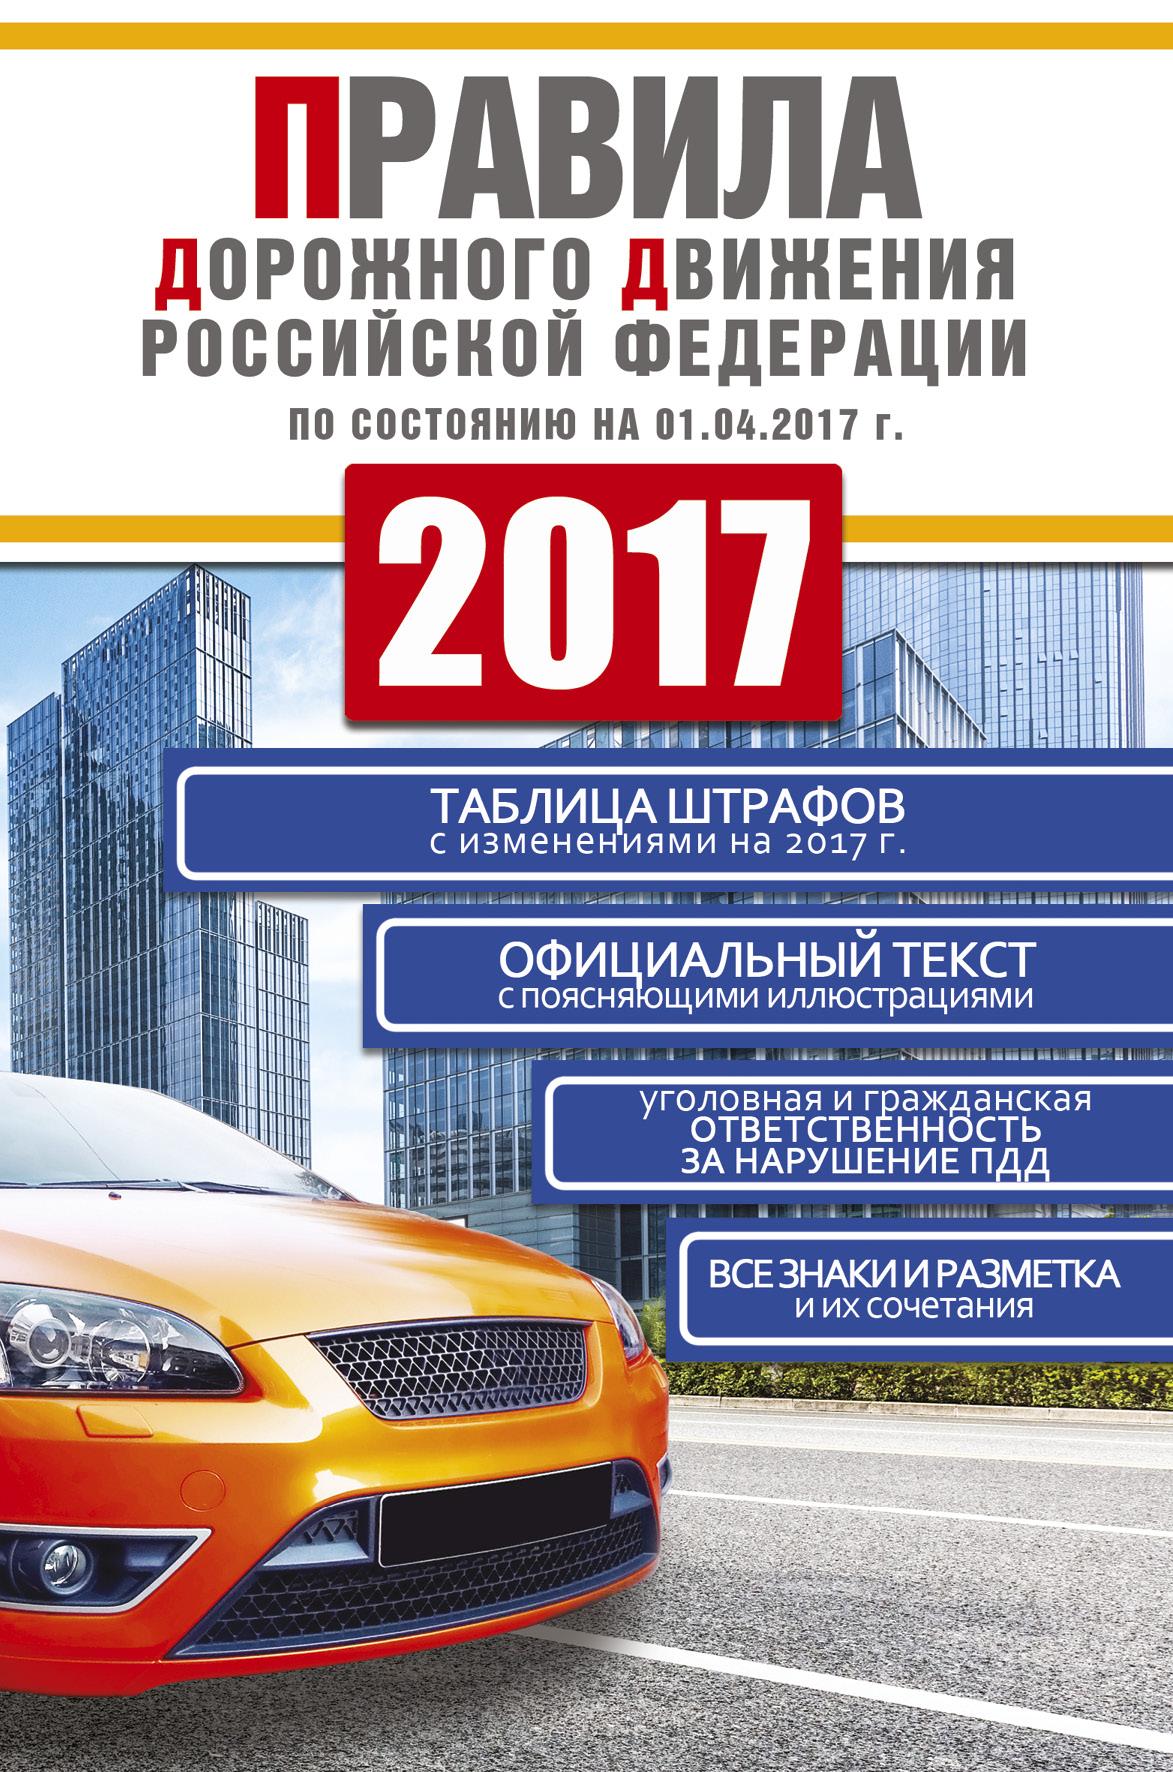 Правила дорожного движения Российской Федерации 2017 по состоянию на 01.04.17